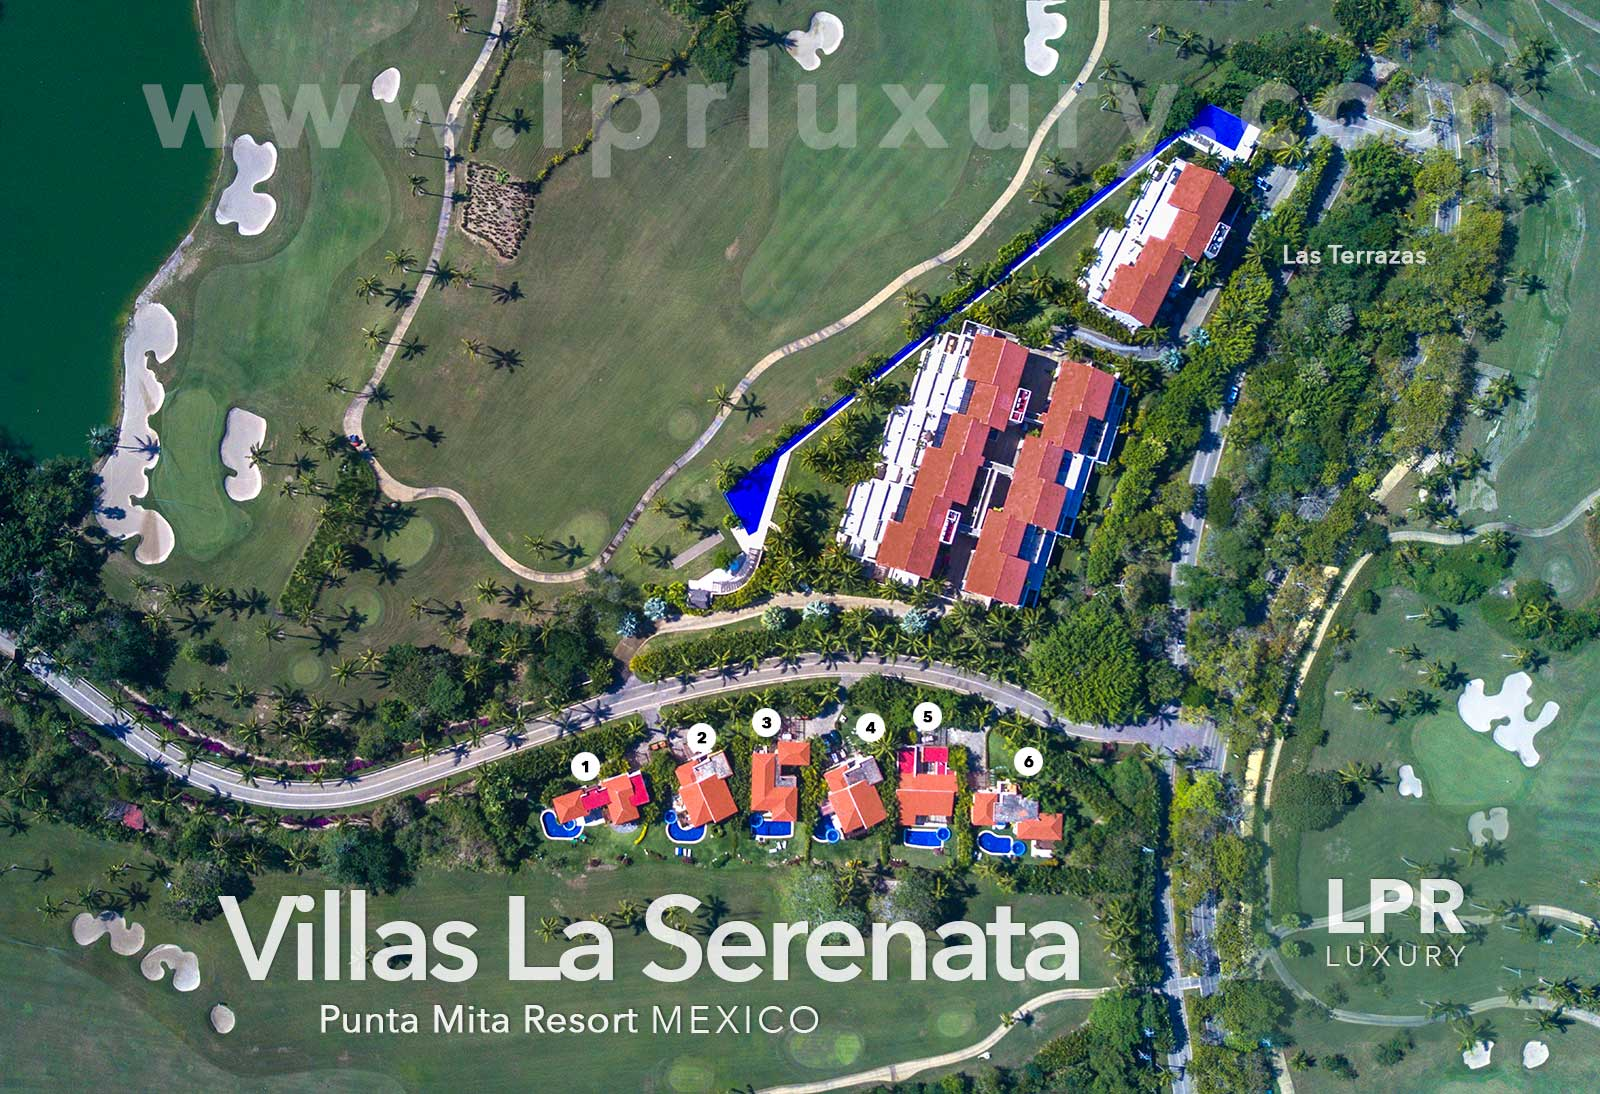 Villas La Serenata at the exclusive Punta Mita Resort, Riviera Nayarit, Mexico